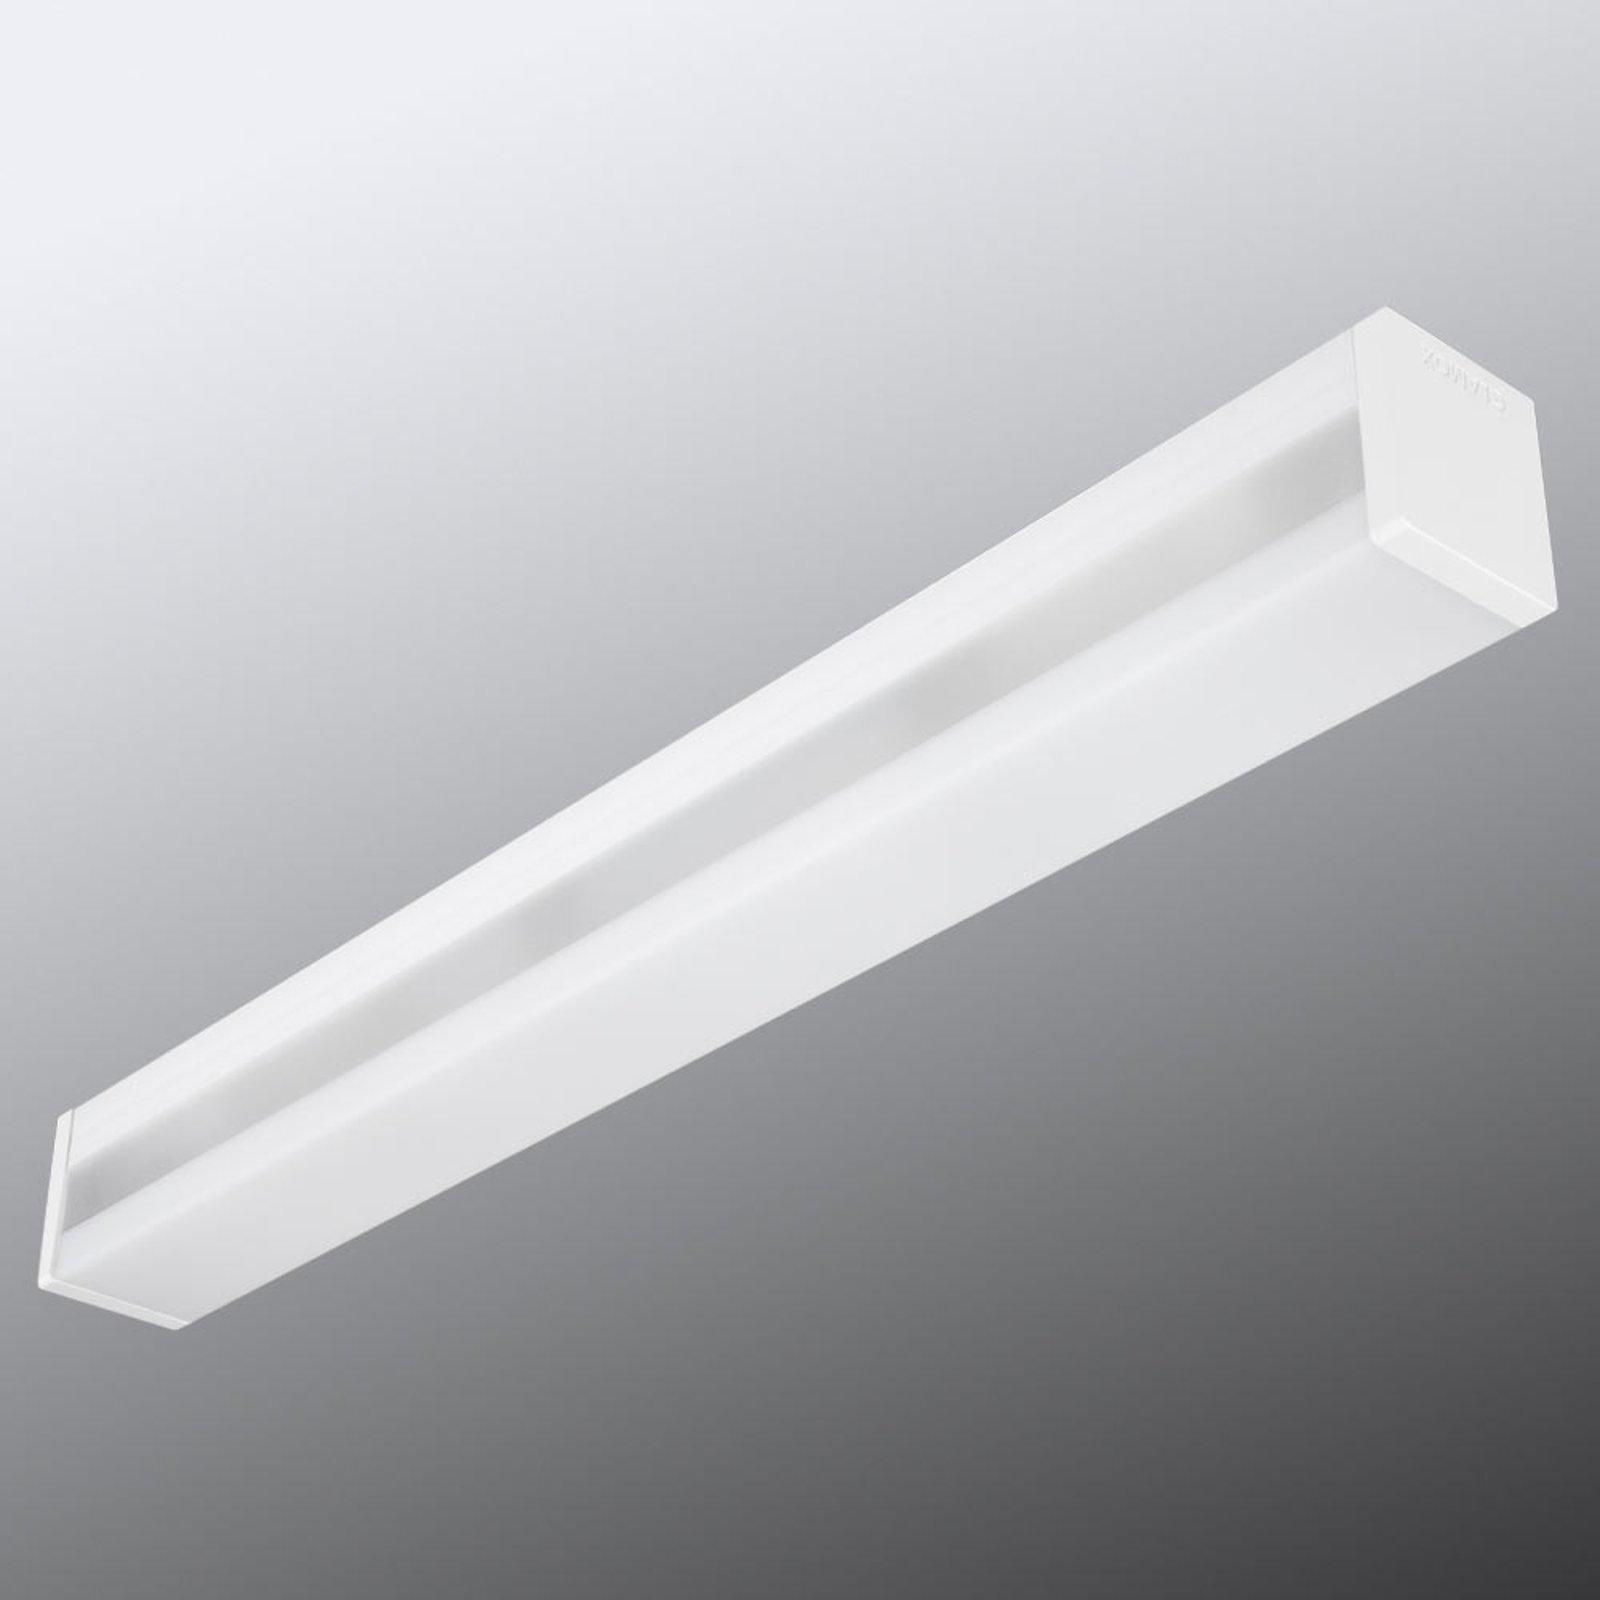 Speillampe A40-W600 LED 1400HF 840 m LED 60 cm